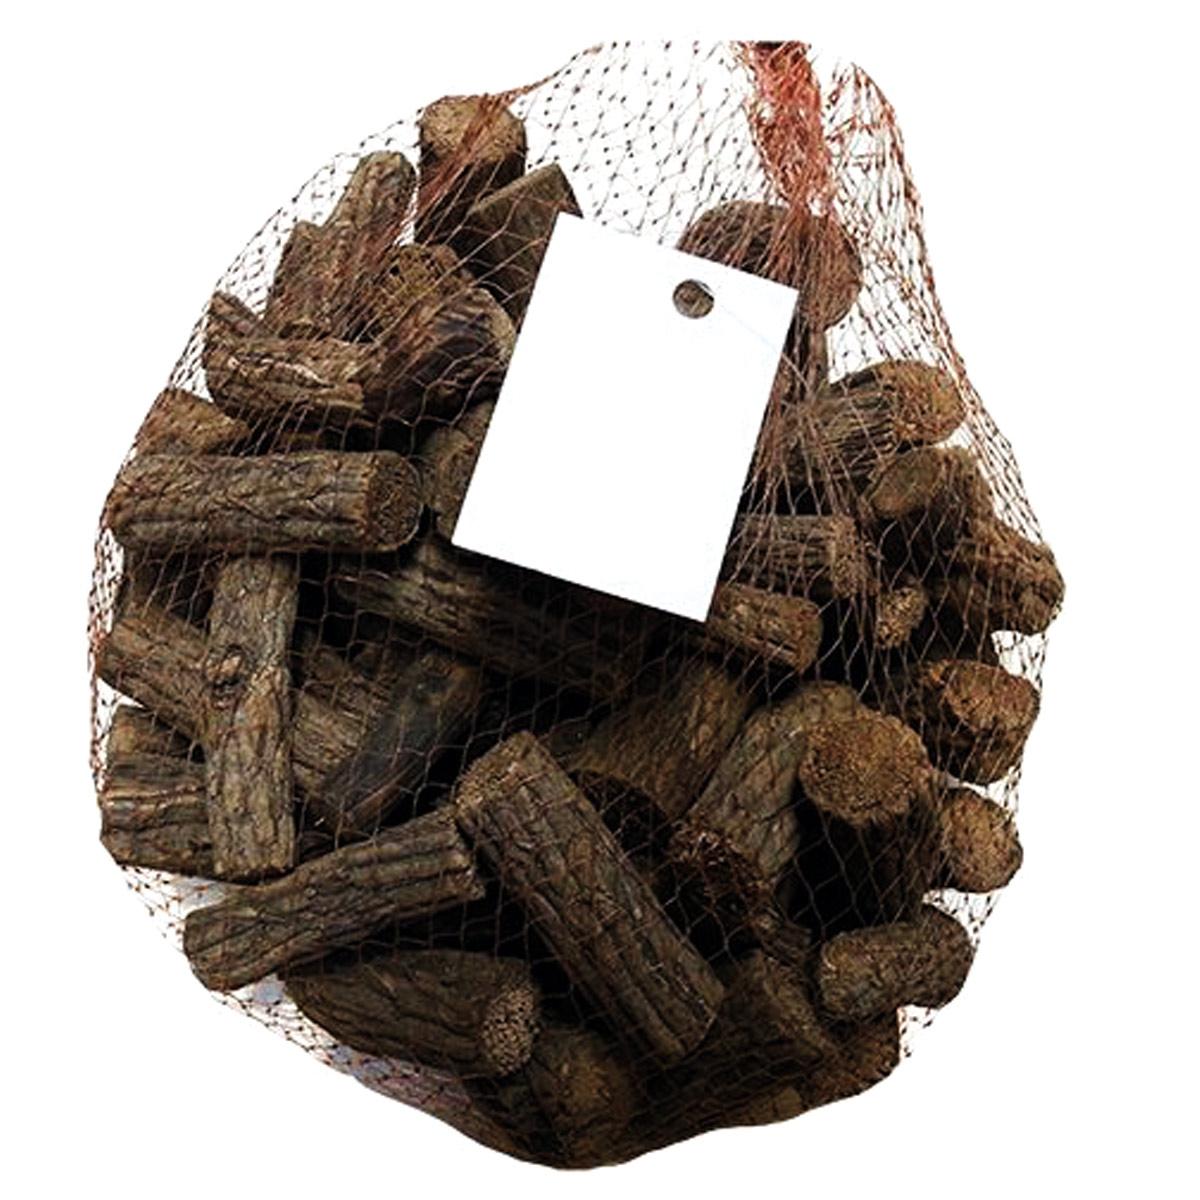 YW234 Декоративные элементы натуральные. Ветки Акебии, цв. коричневый, длина 5 см, 250гр